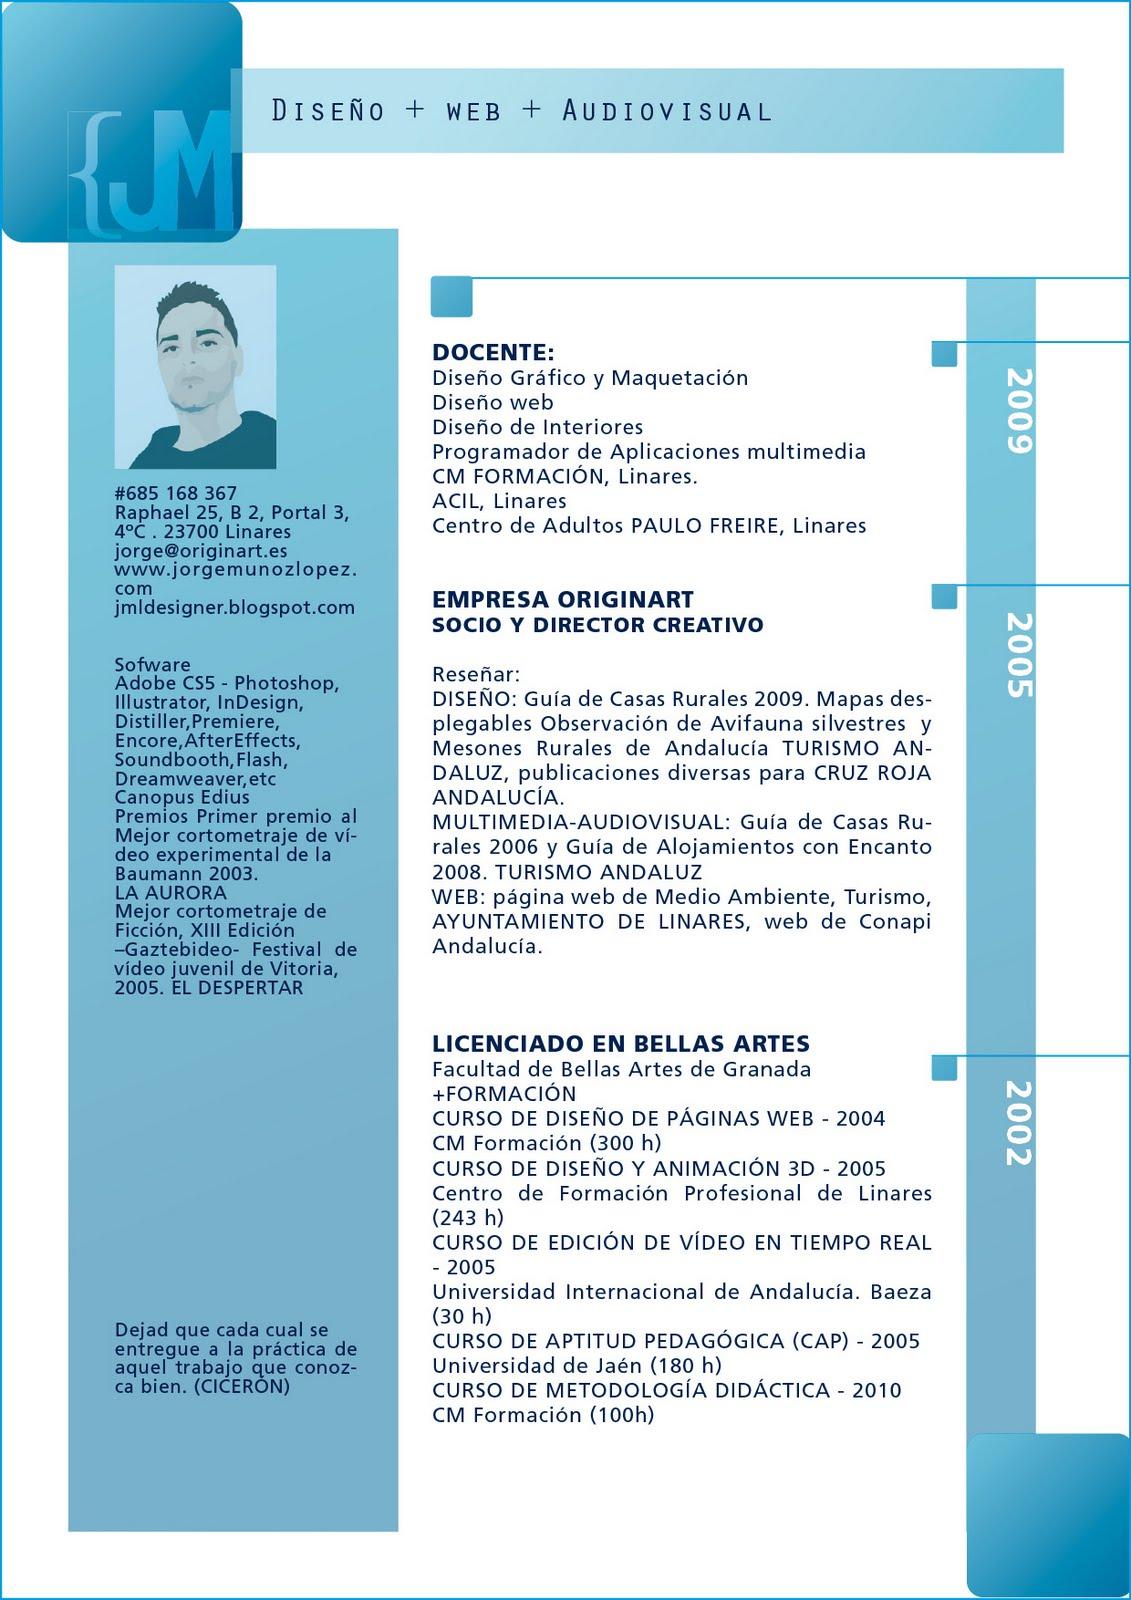 diseñojorgemuñoz/indesign]: 07/EJ - Diseño y Maquetación 4 [Currículum]